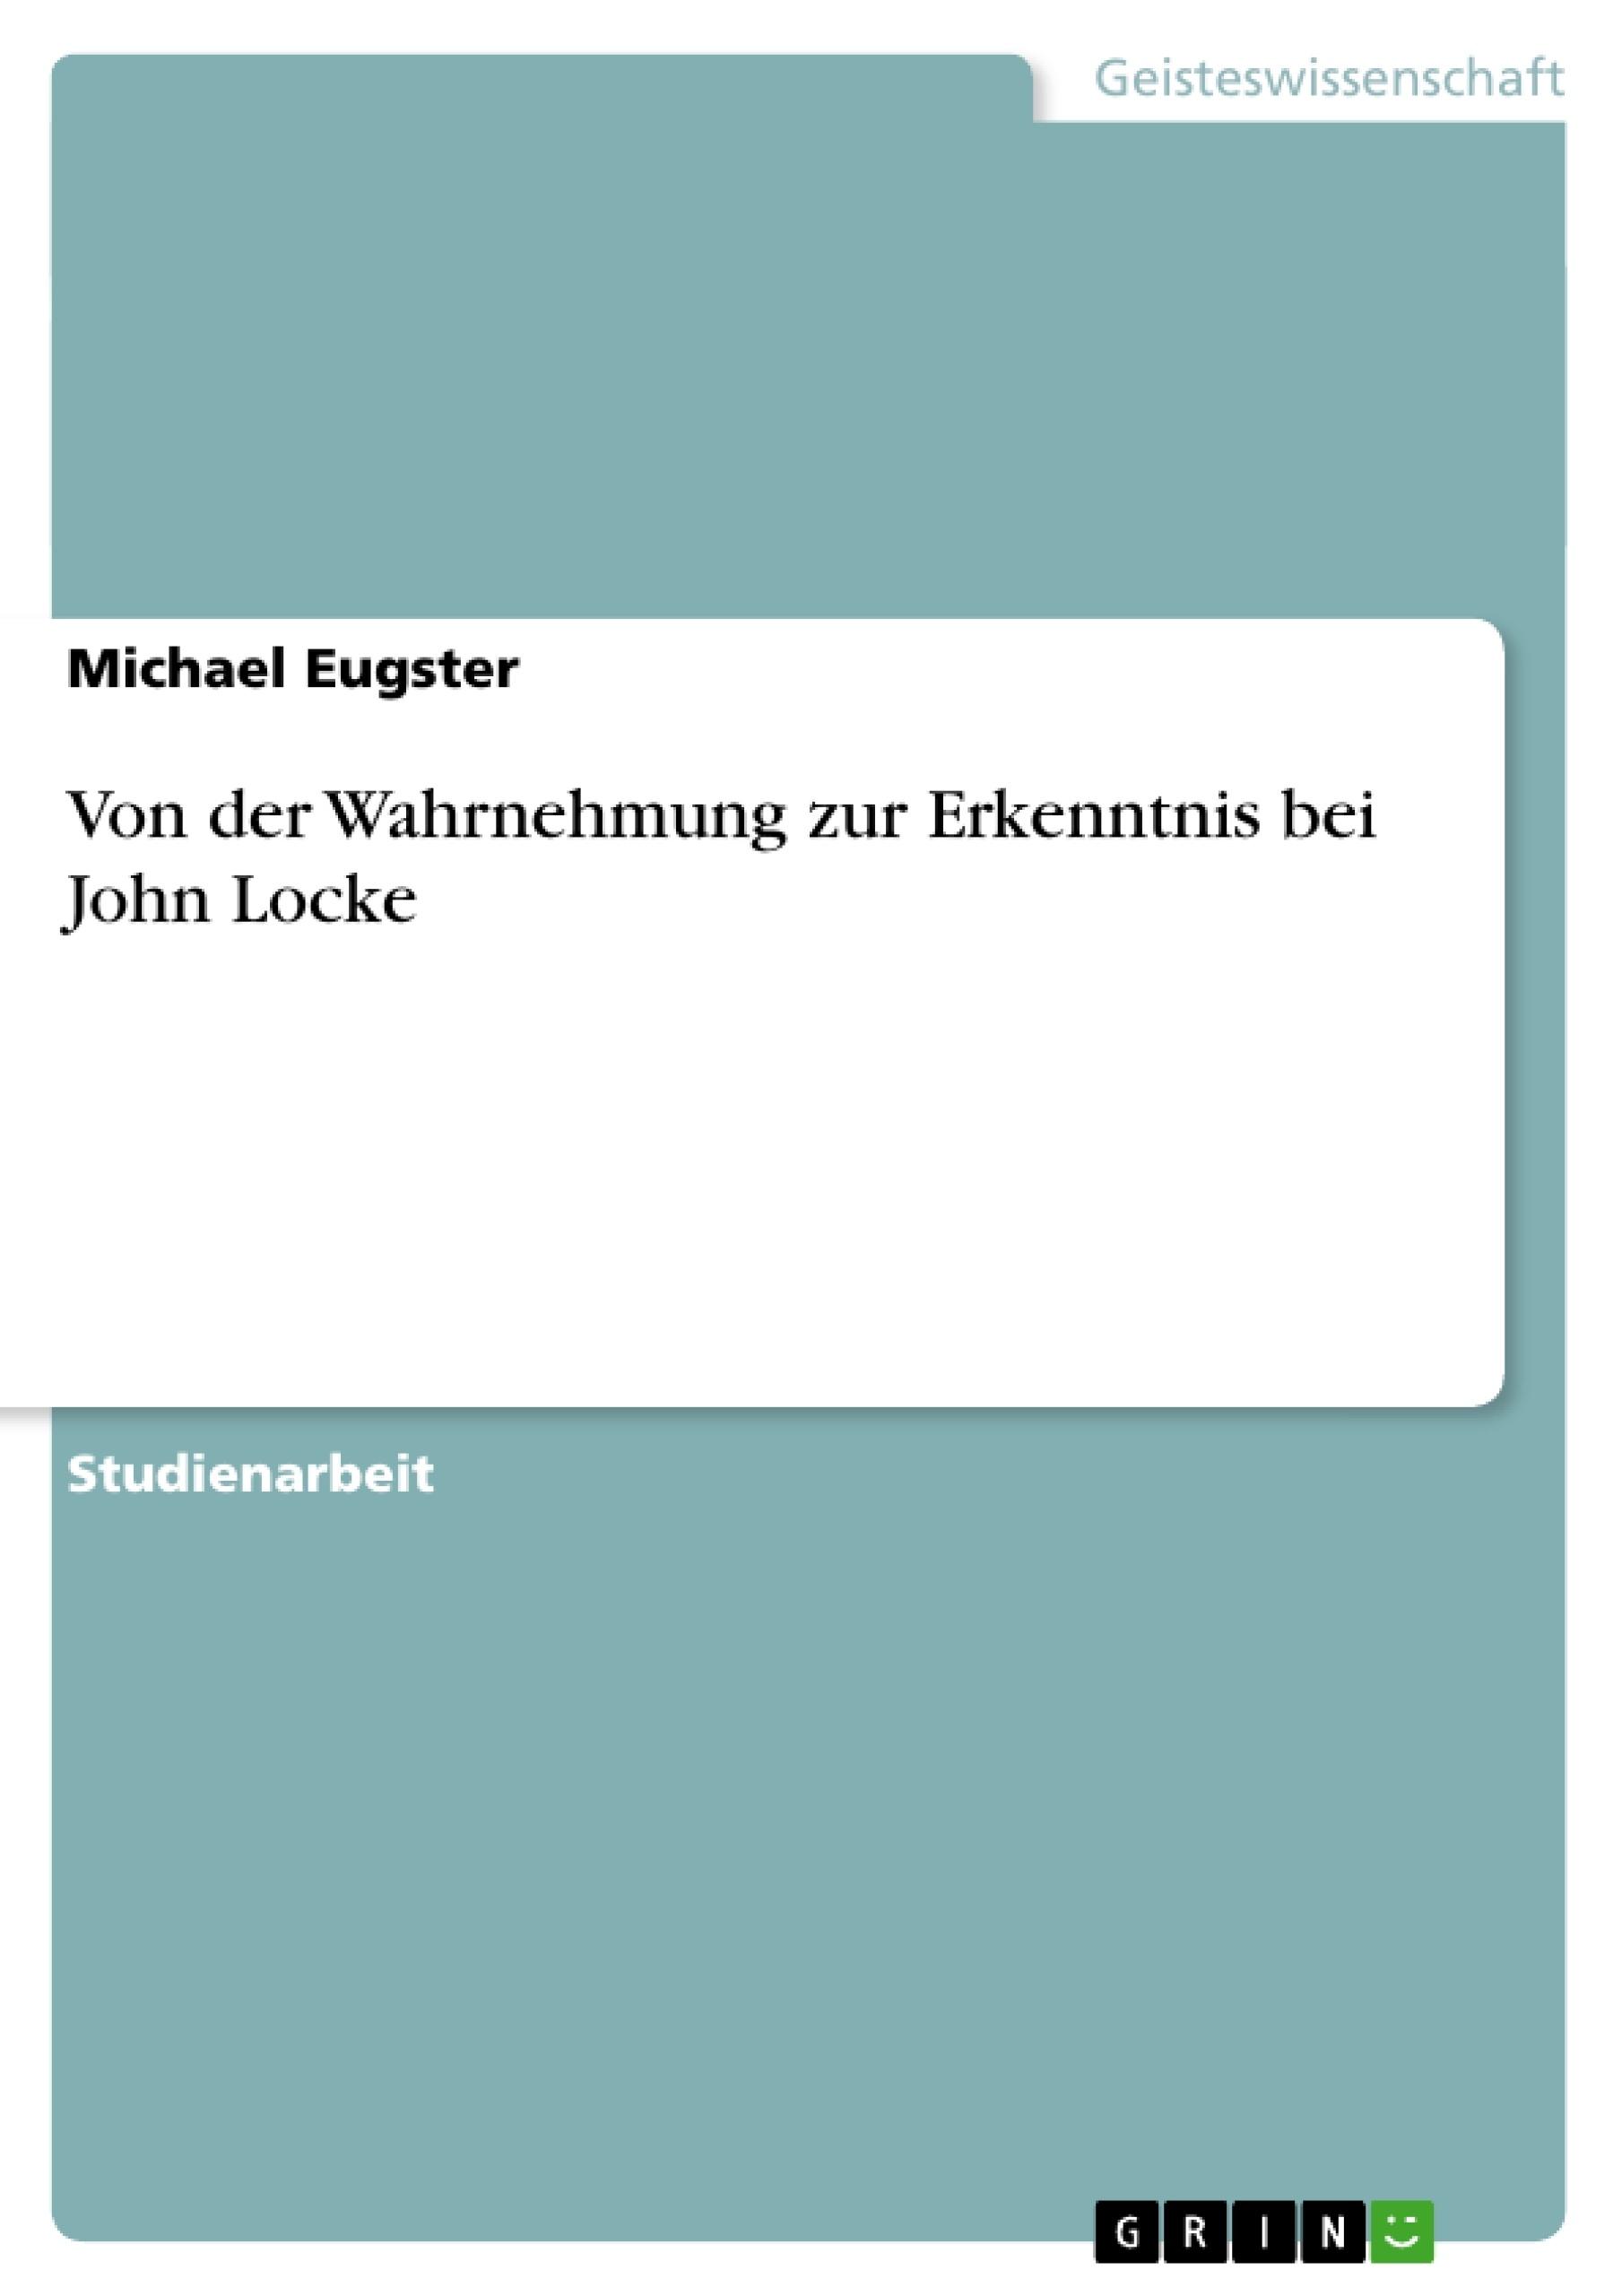 Titel: Von der Wahrnehmung zur Erkenntnis bei John Locke